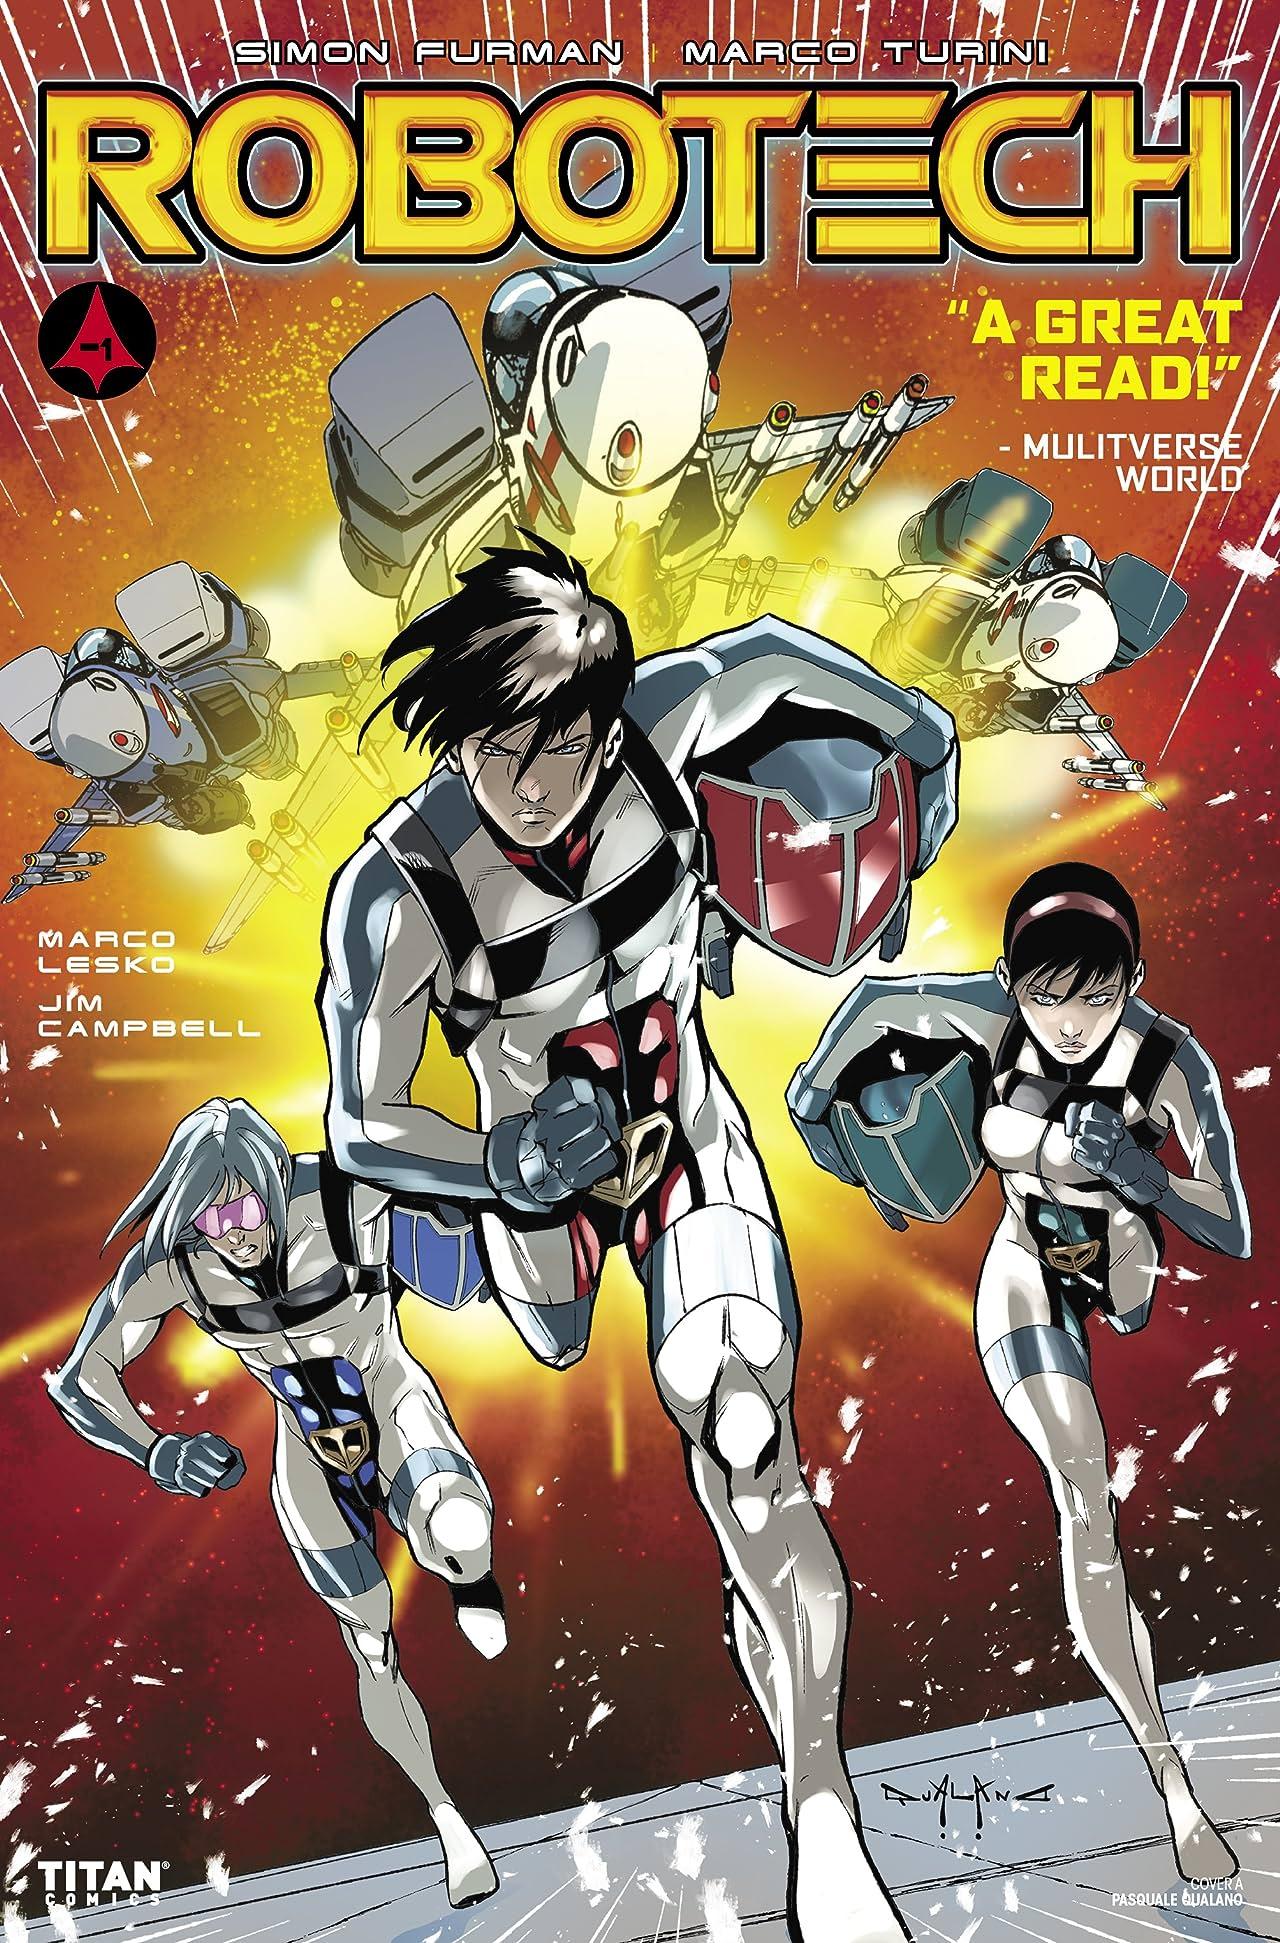 Robotech #20